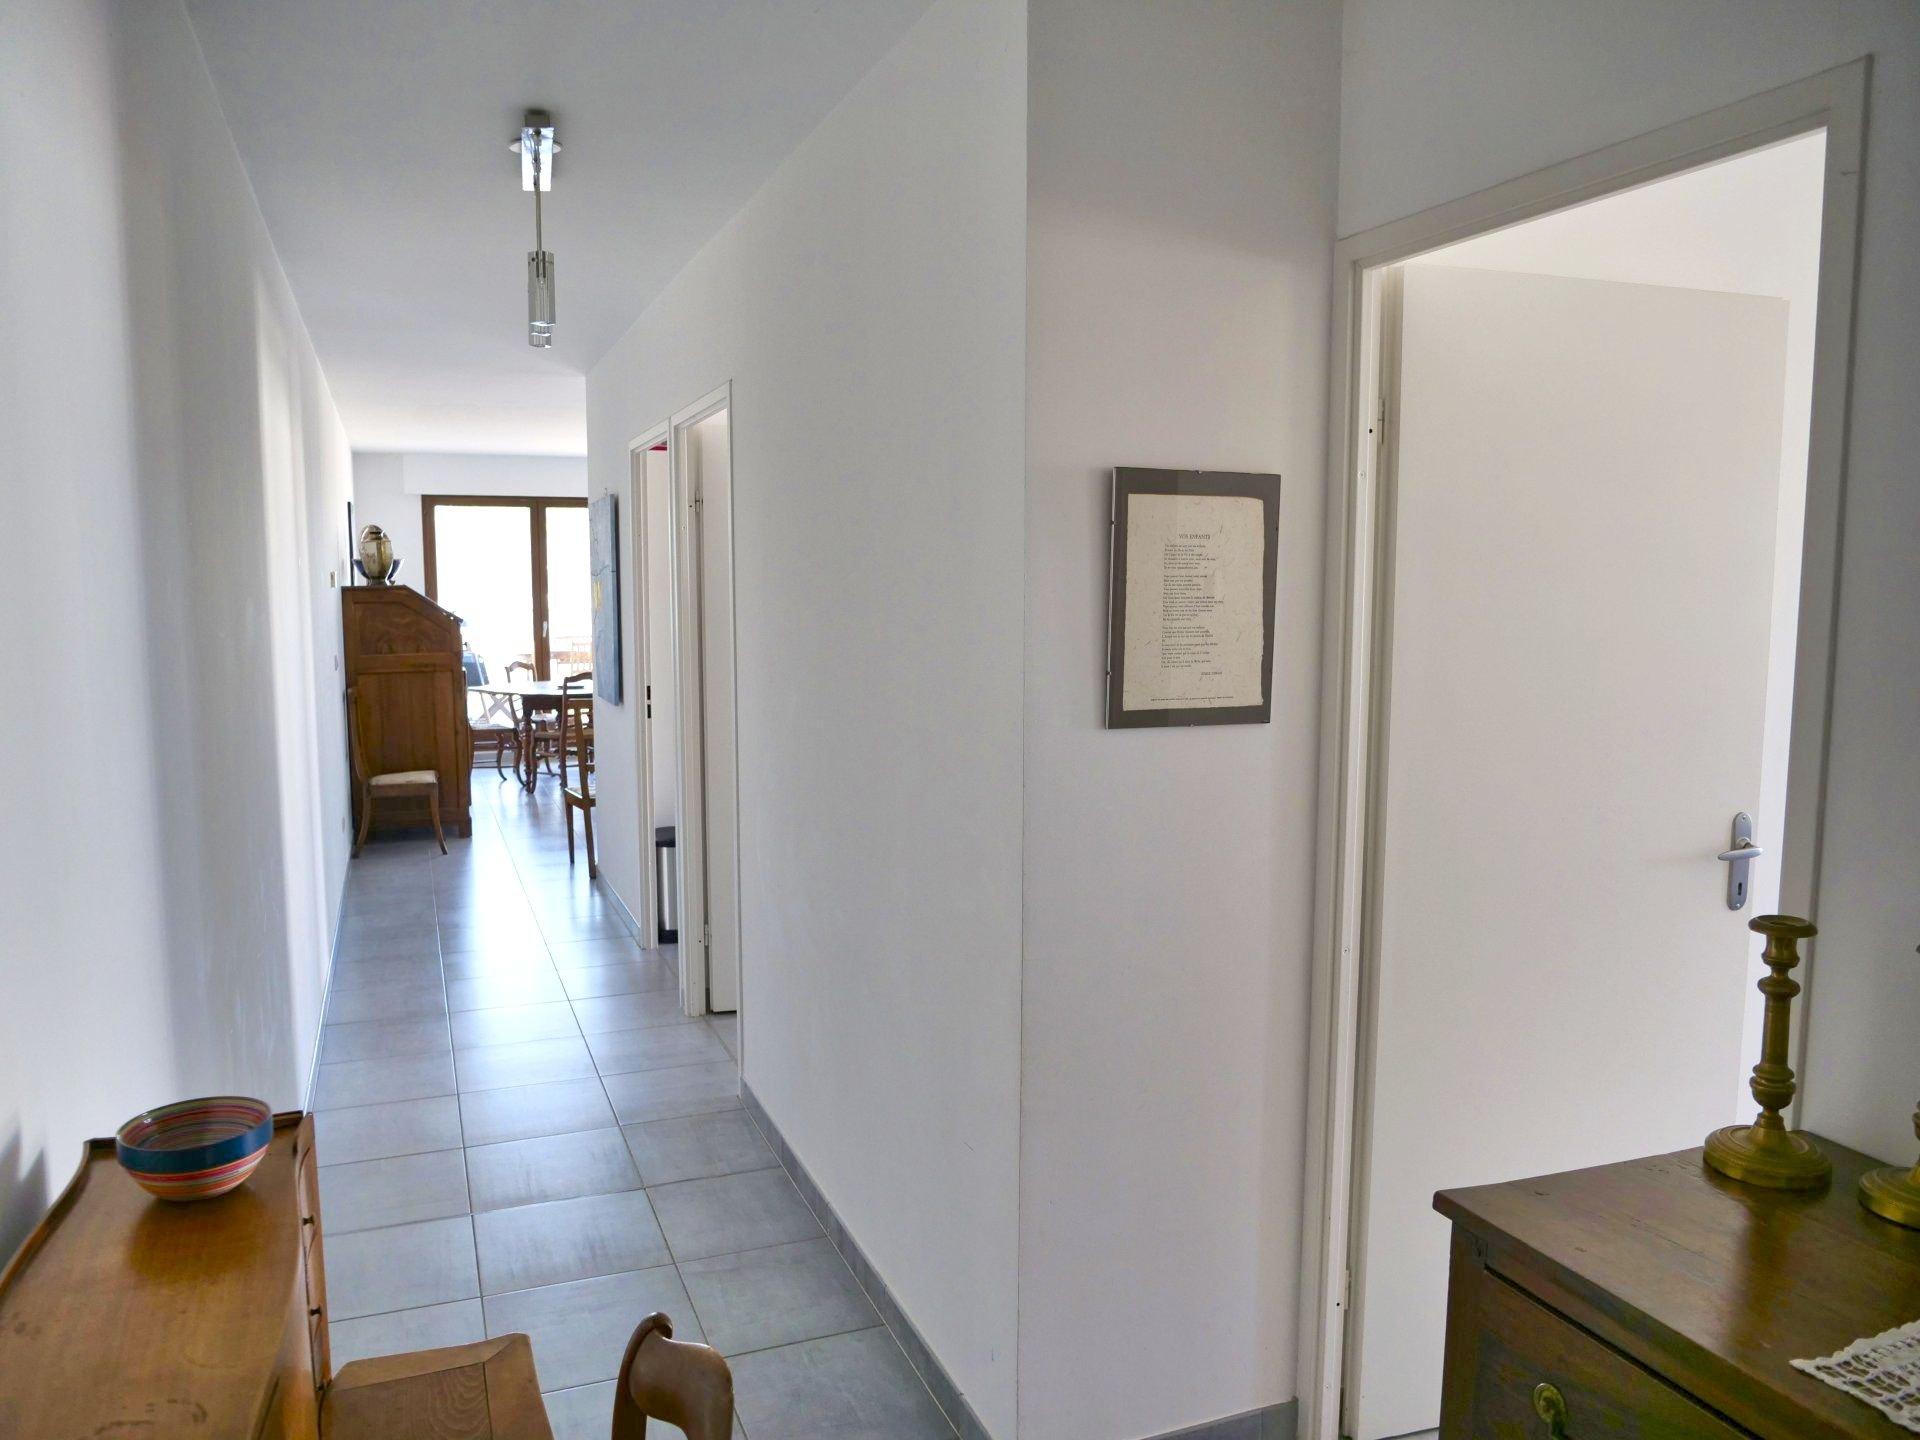 Appartement T4 de 95m2 dernier étage - 55 m2 terrasse